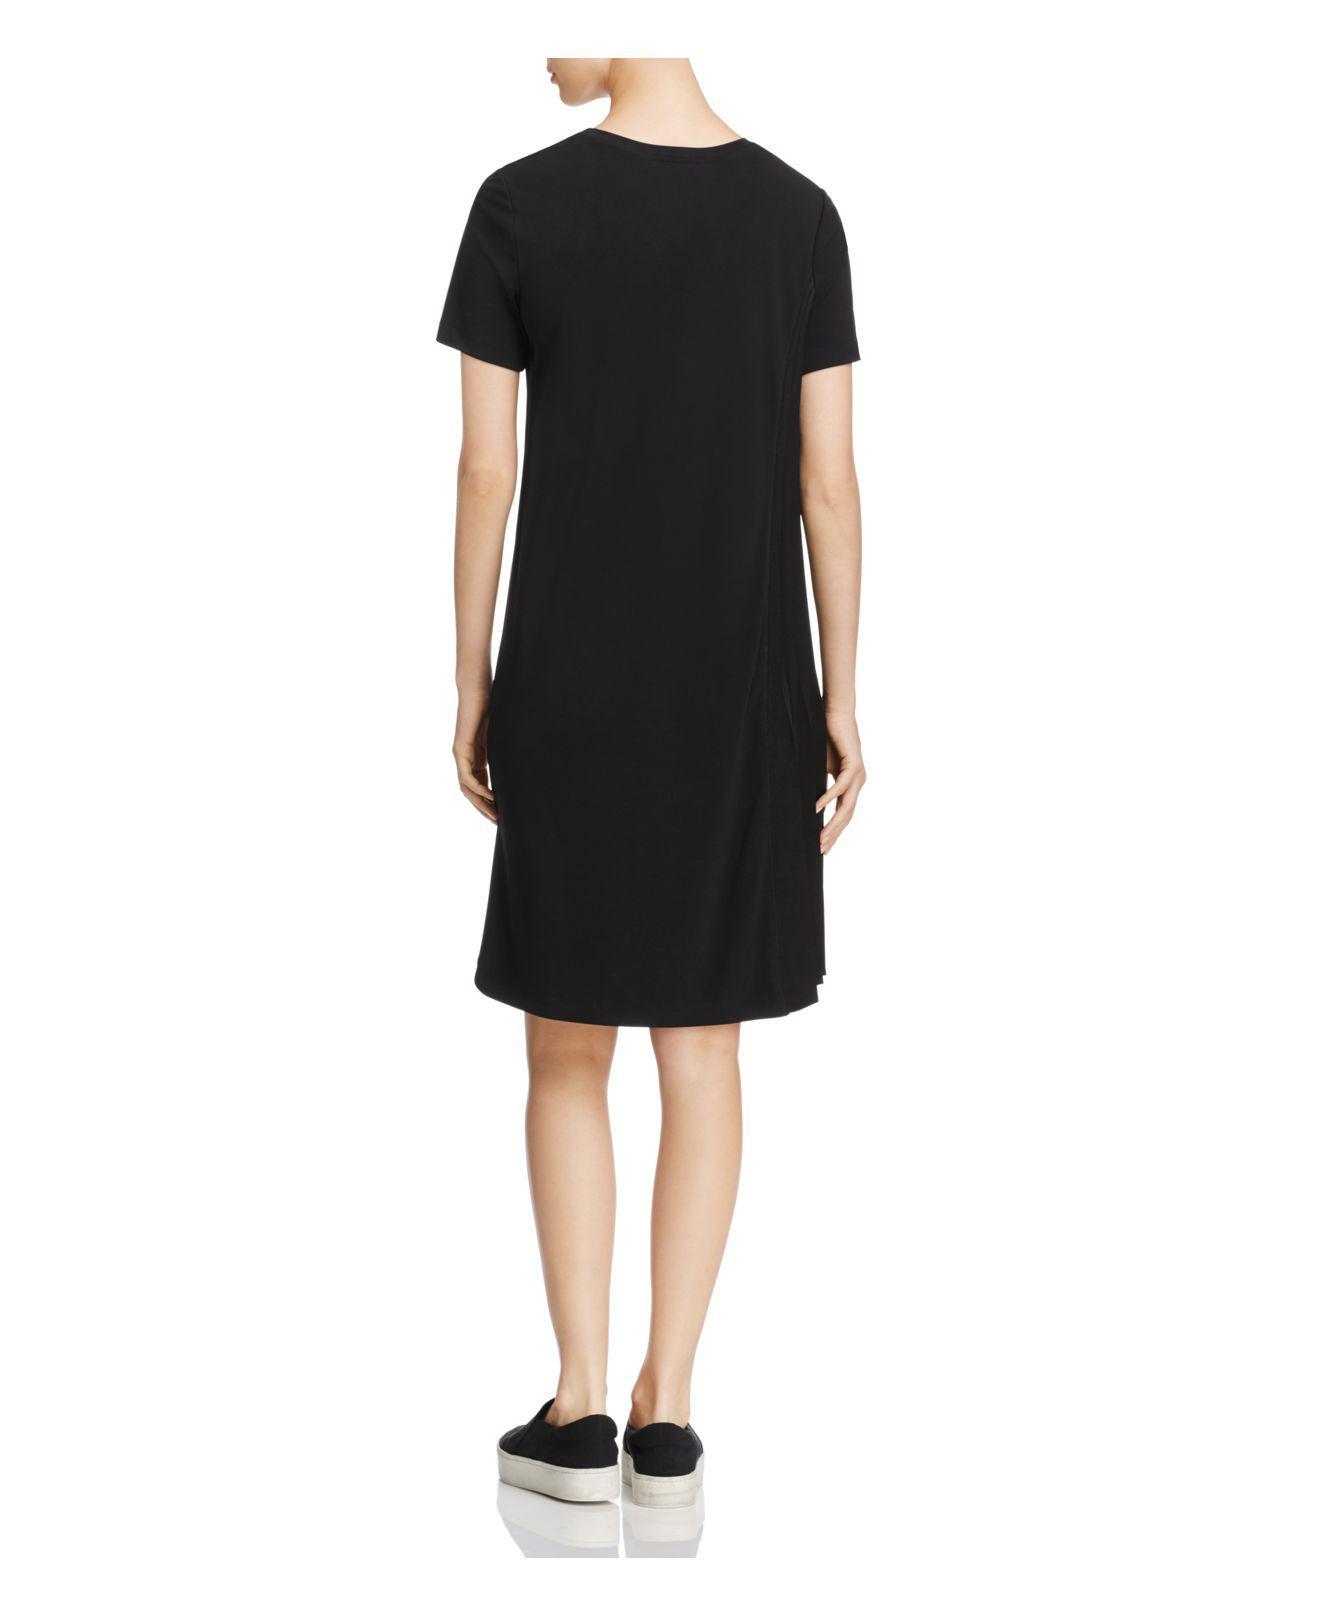 a84fb8e5e65 DKNY Short Sleeve Asymmetric-pleat Dress in Black - Lyst